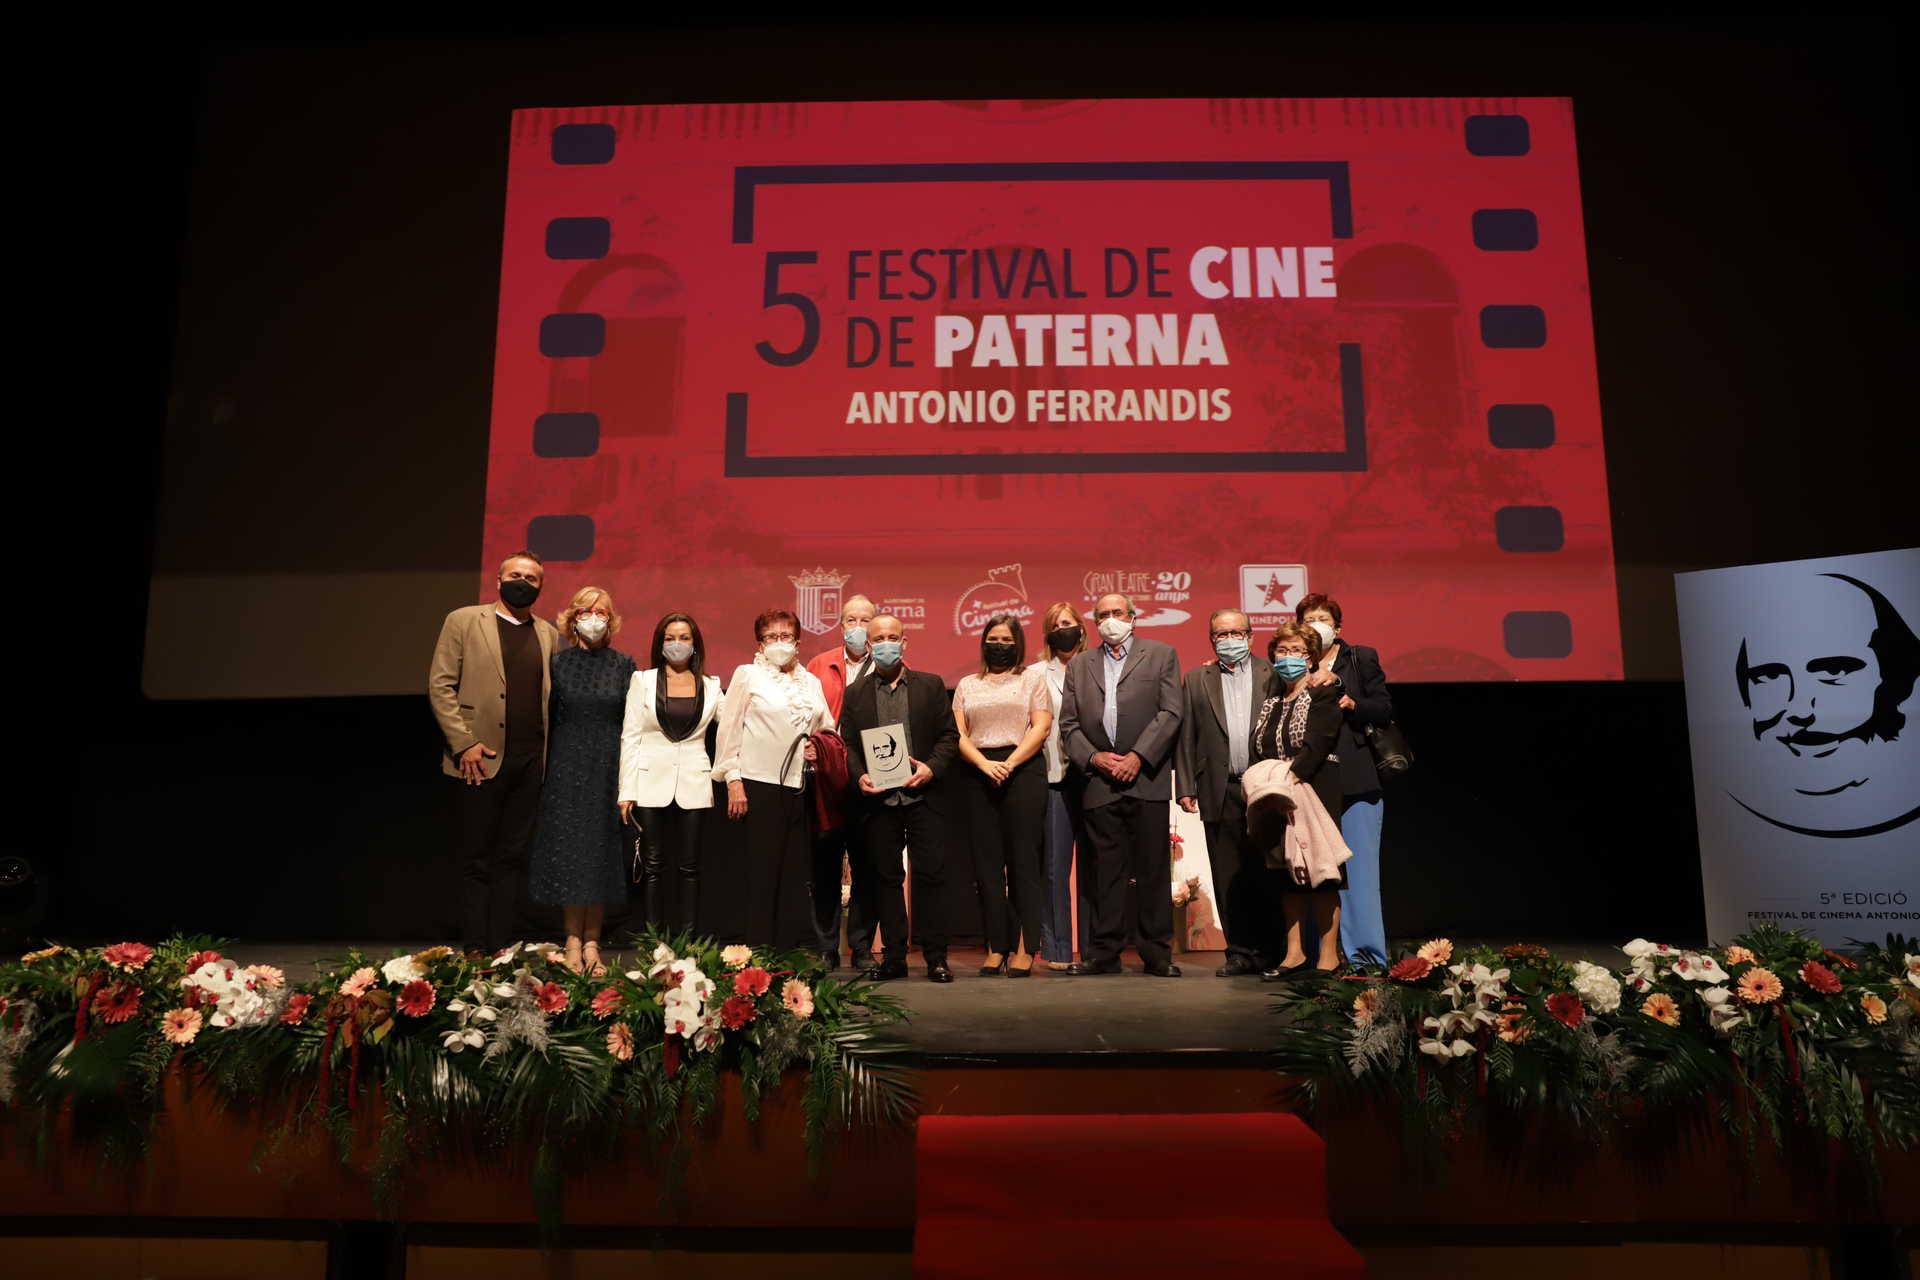 Antonio Ferrandis Film Festival